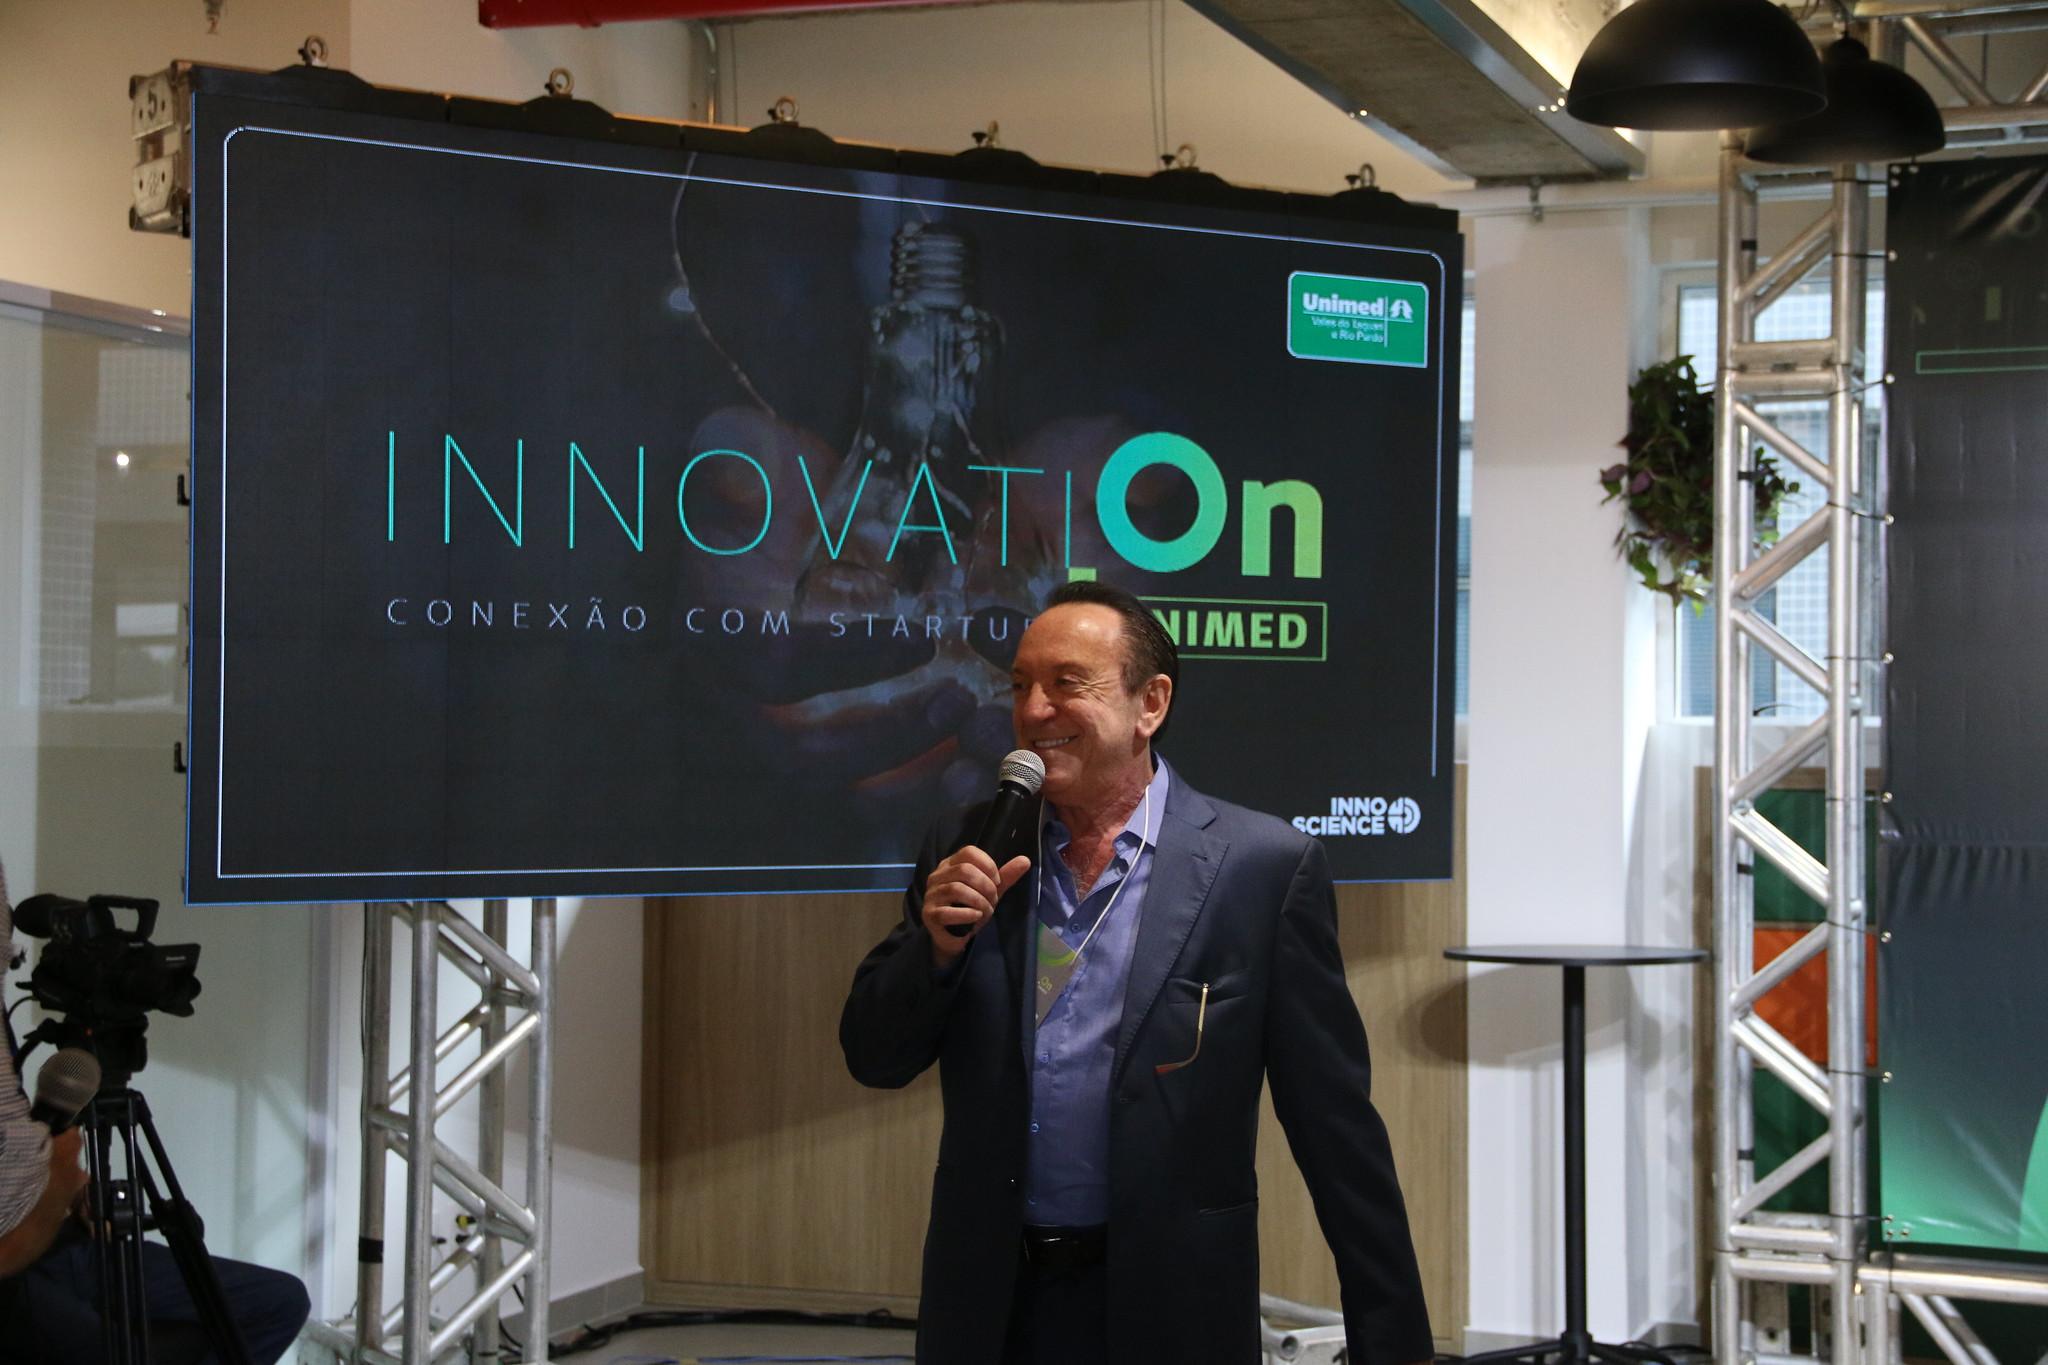 Imagem mostra homem falando no microfone